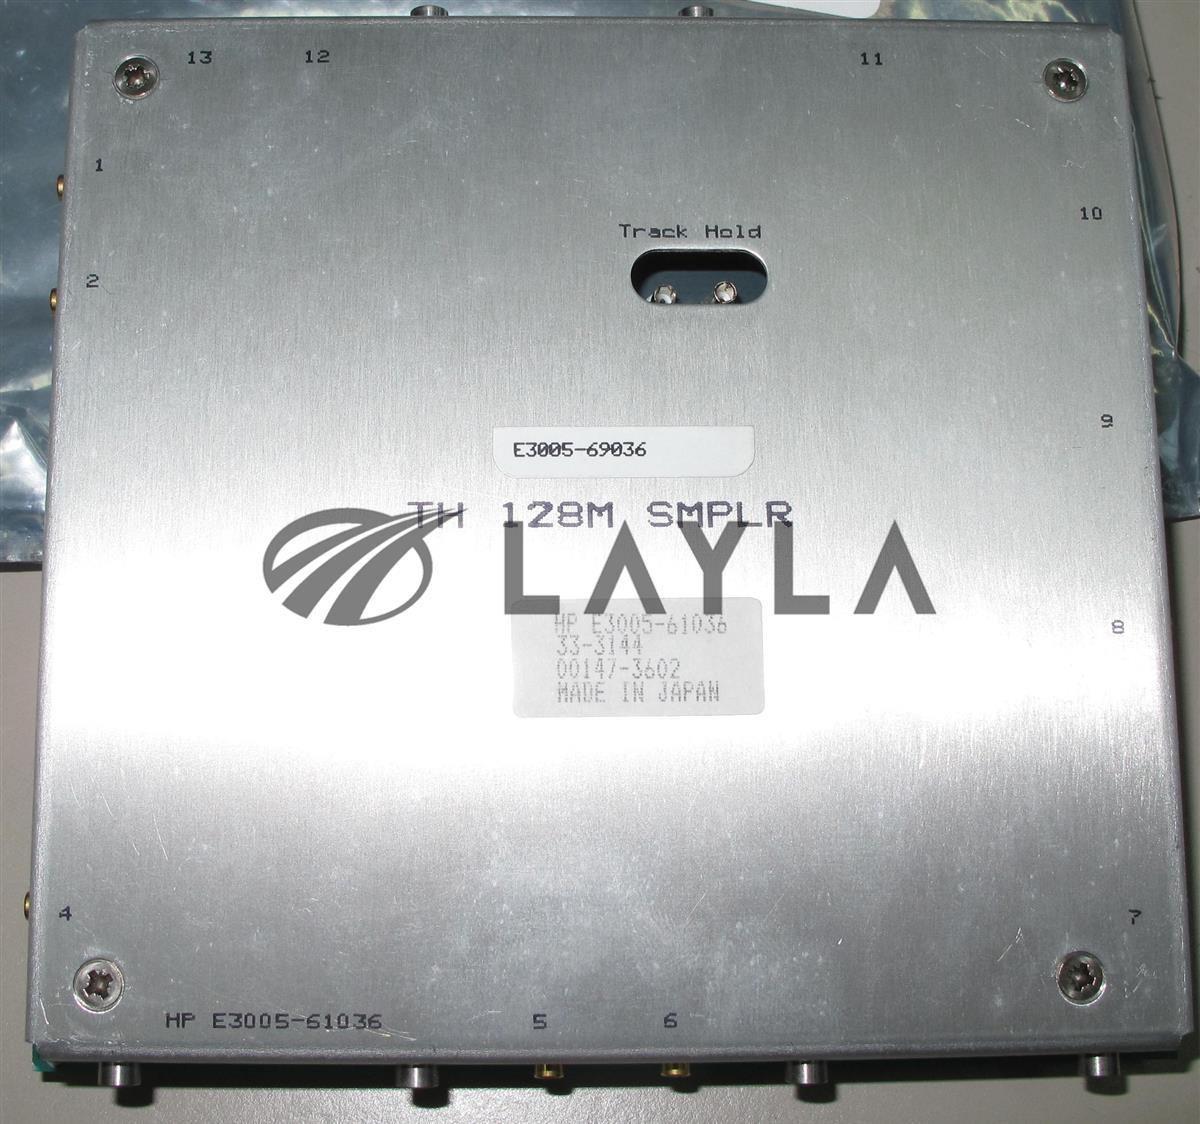 E3005-69036/-/E3005-69036/Agilent/_01